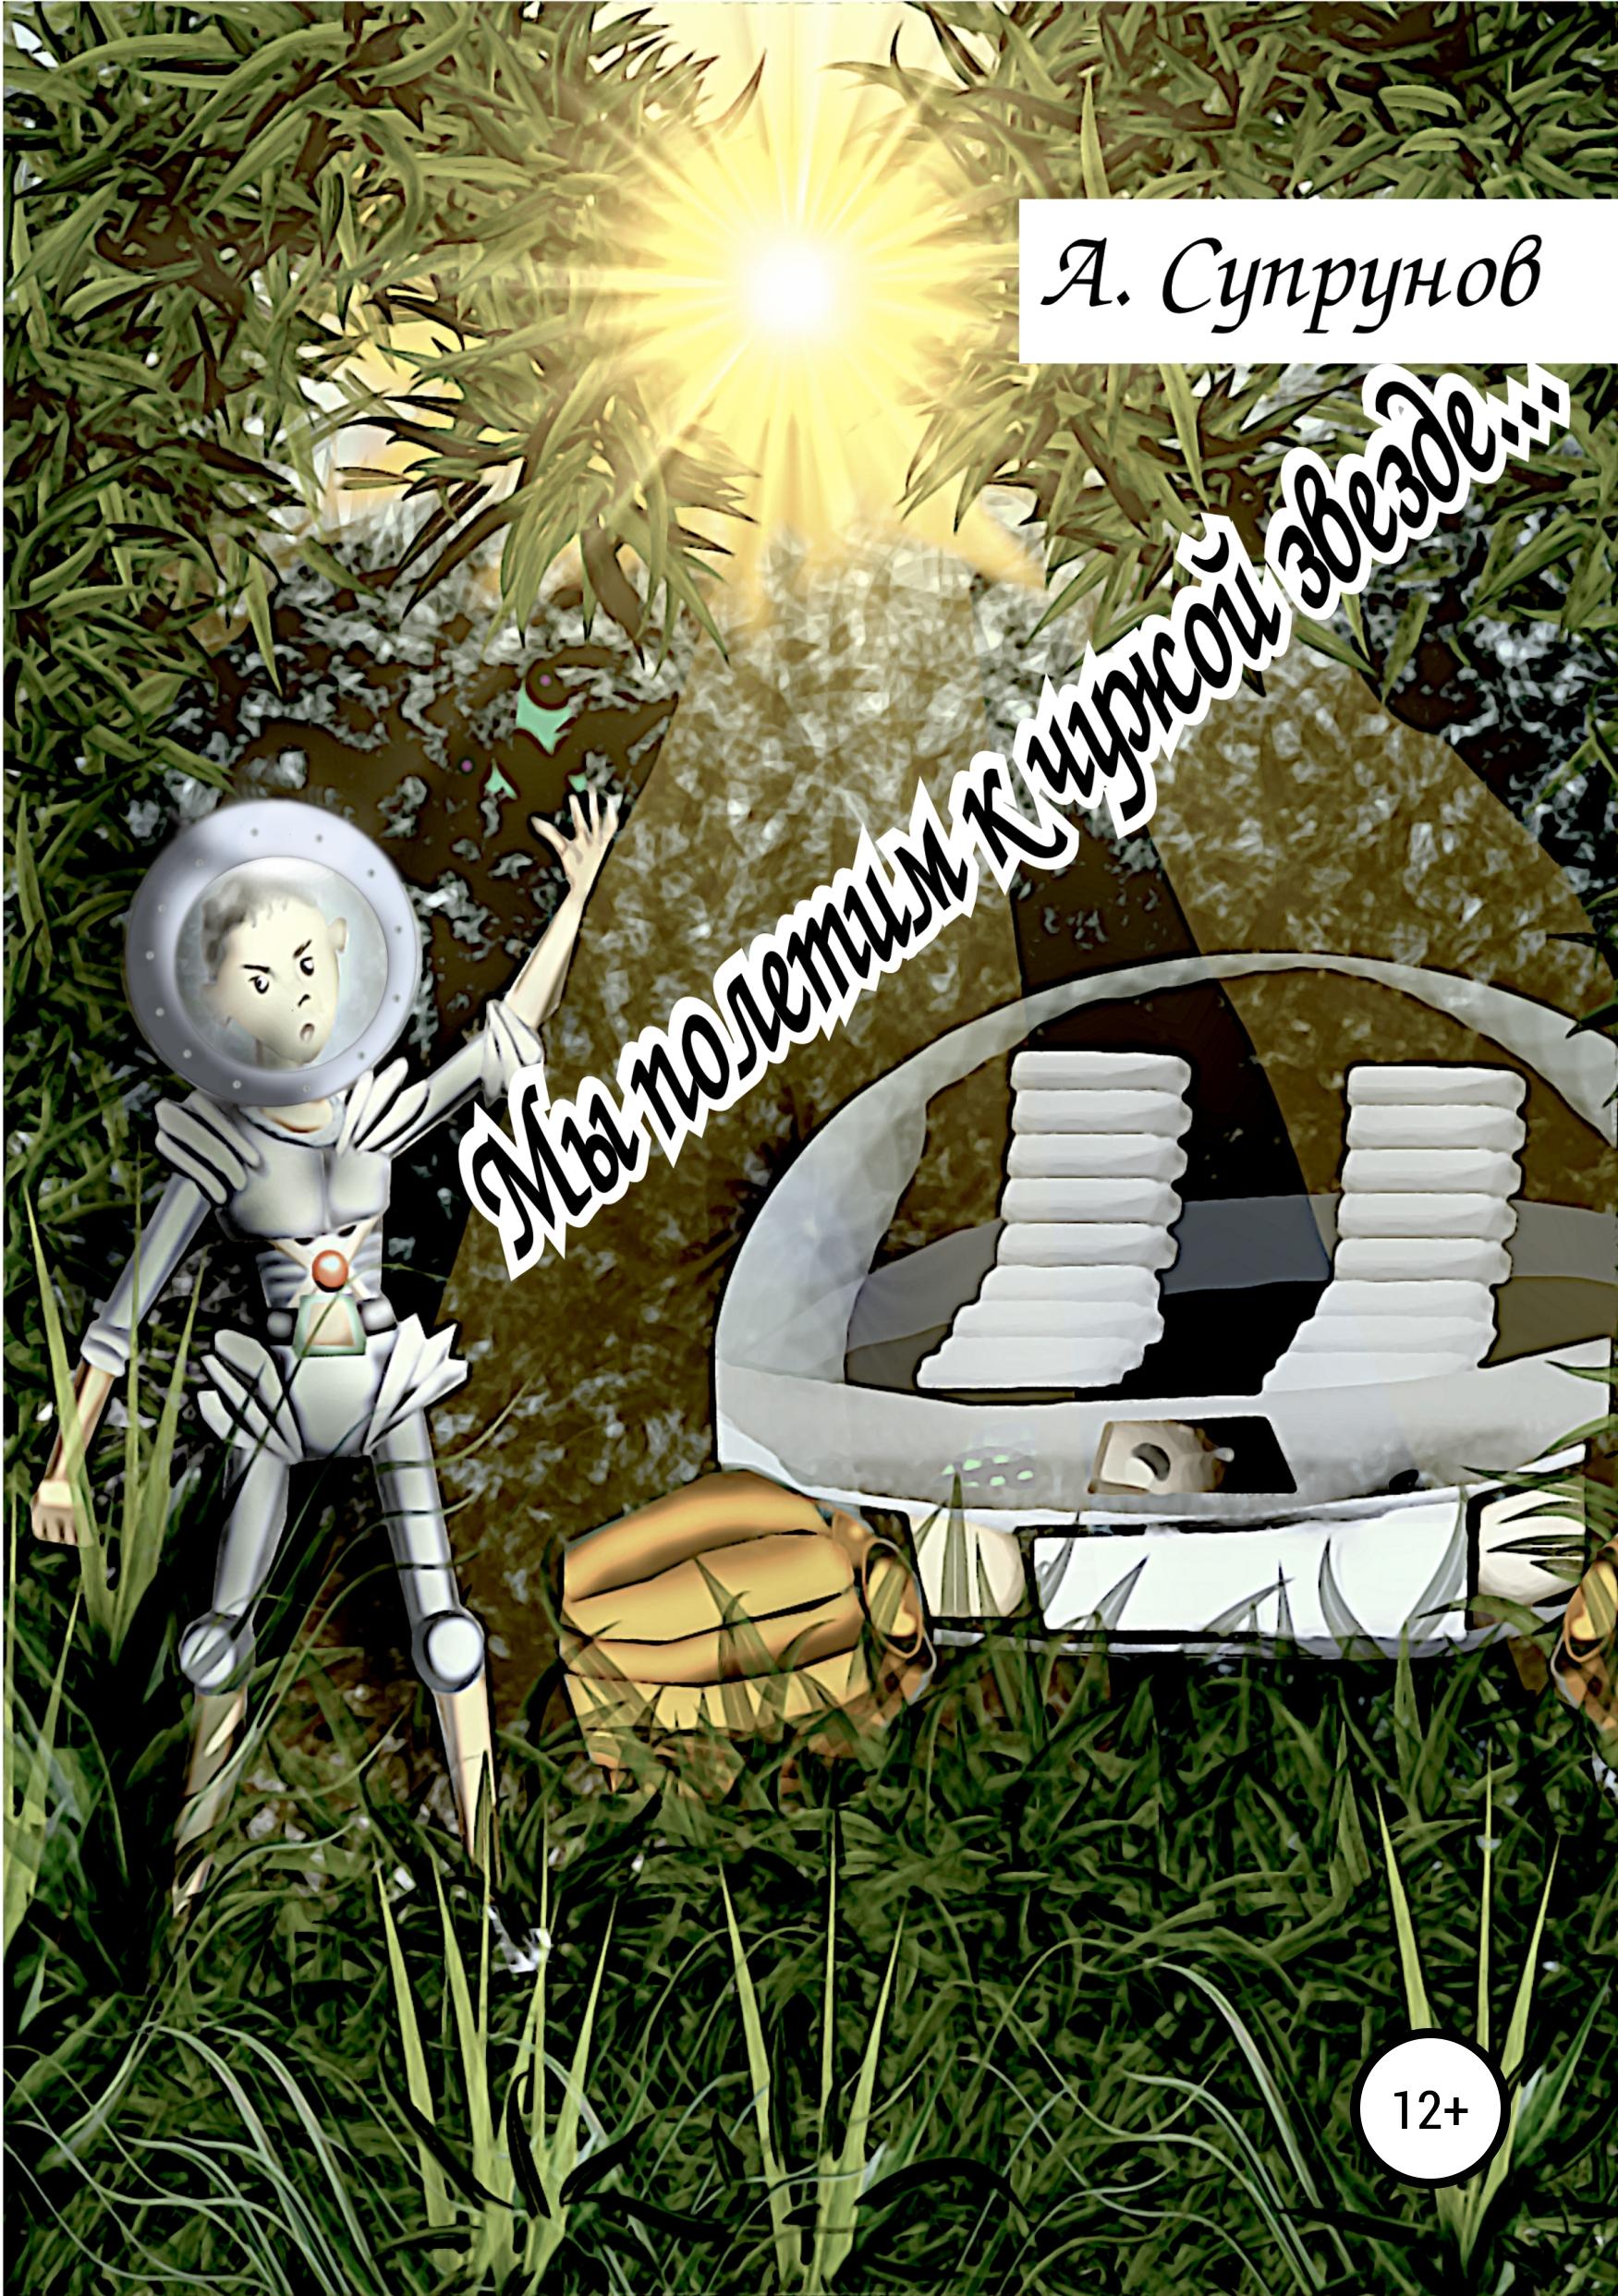 Александр Александрович Супрунов Мы полетим к чужой звезде… марина морская путешествие кзвезде голубогоогня